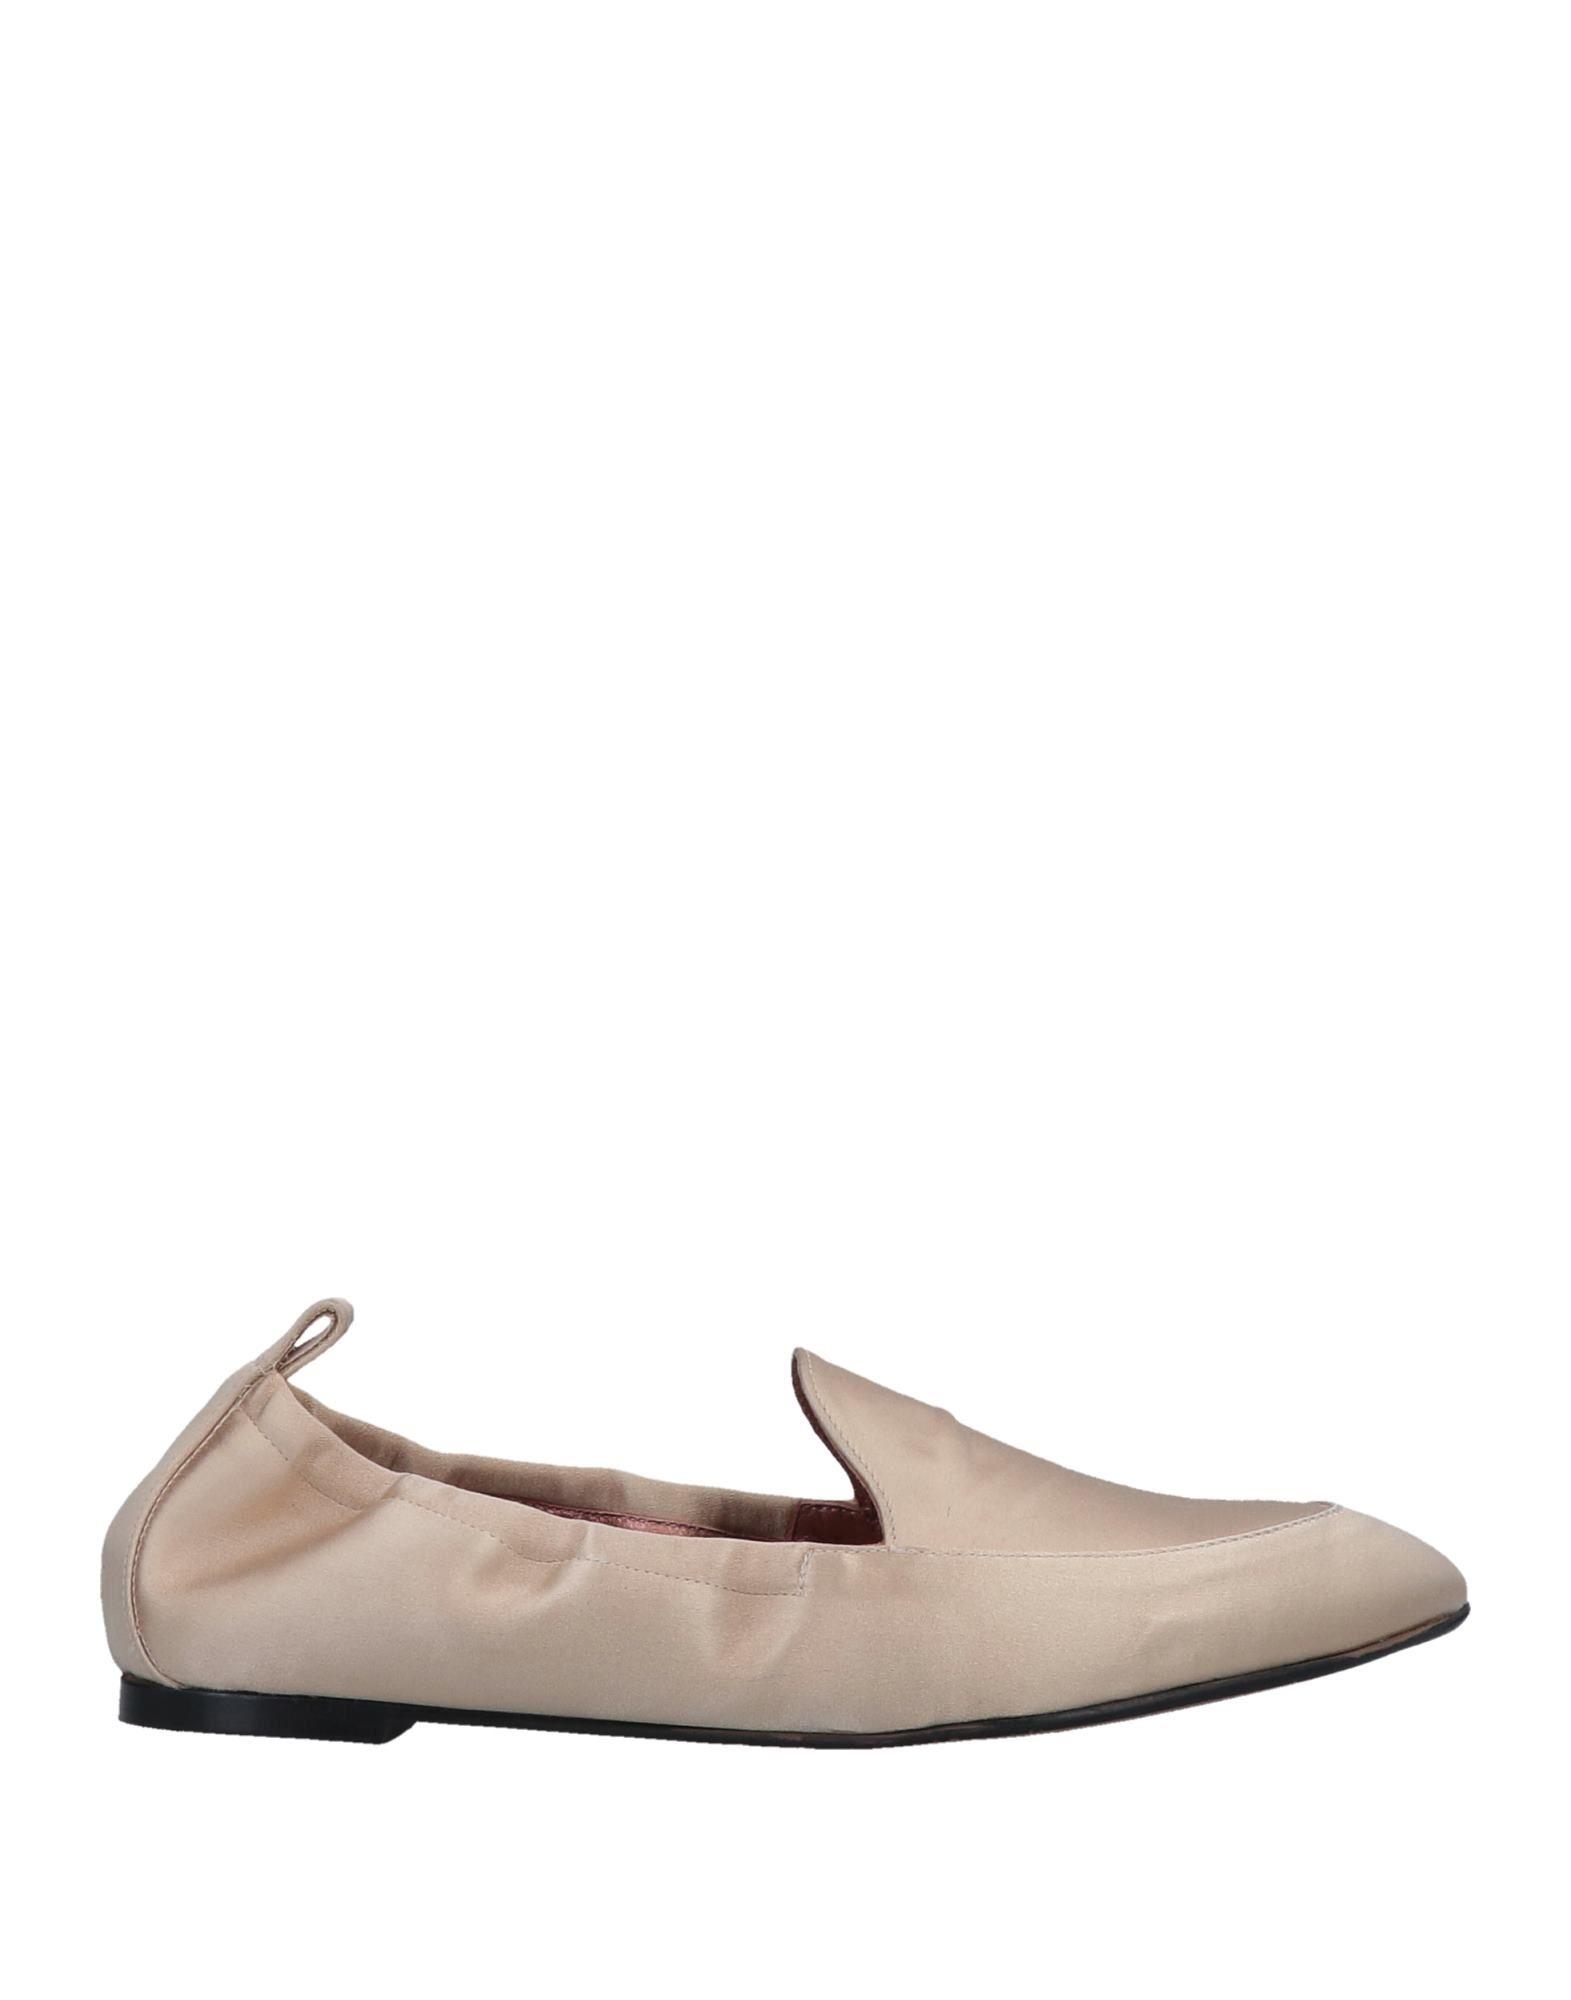 Ras Mokassins Damen  11511447KV Gute Qualität beliebte Schuhe